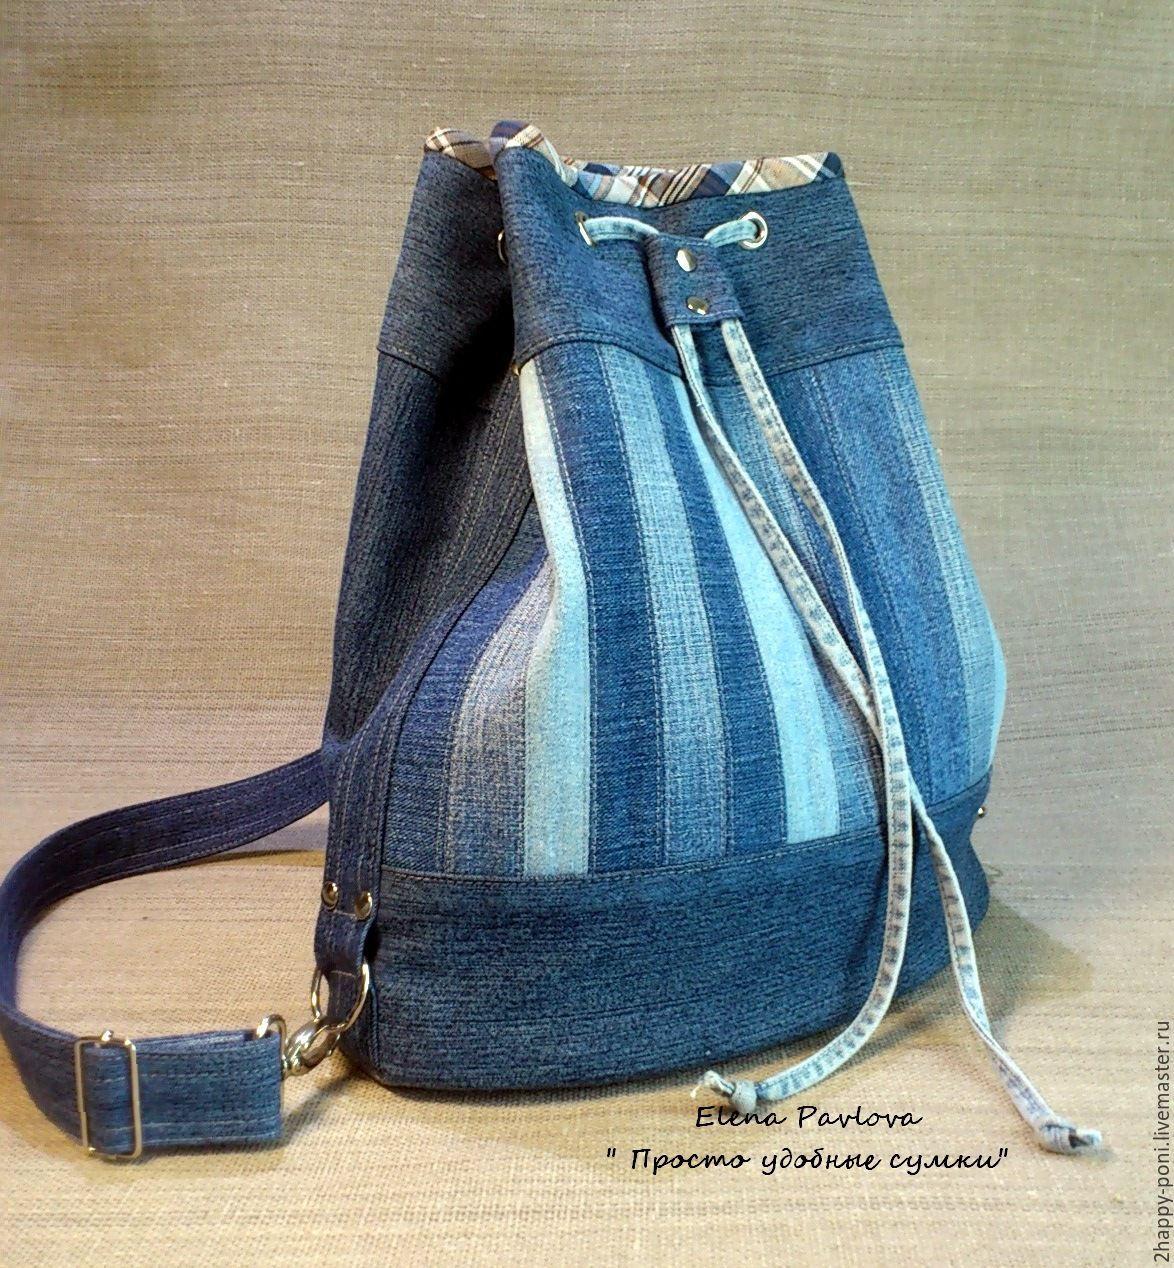 Рюкзаки женские из ткани как связать рюкзак из трикотажной пряжи